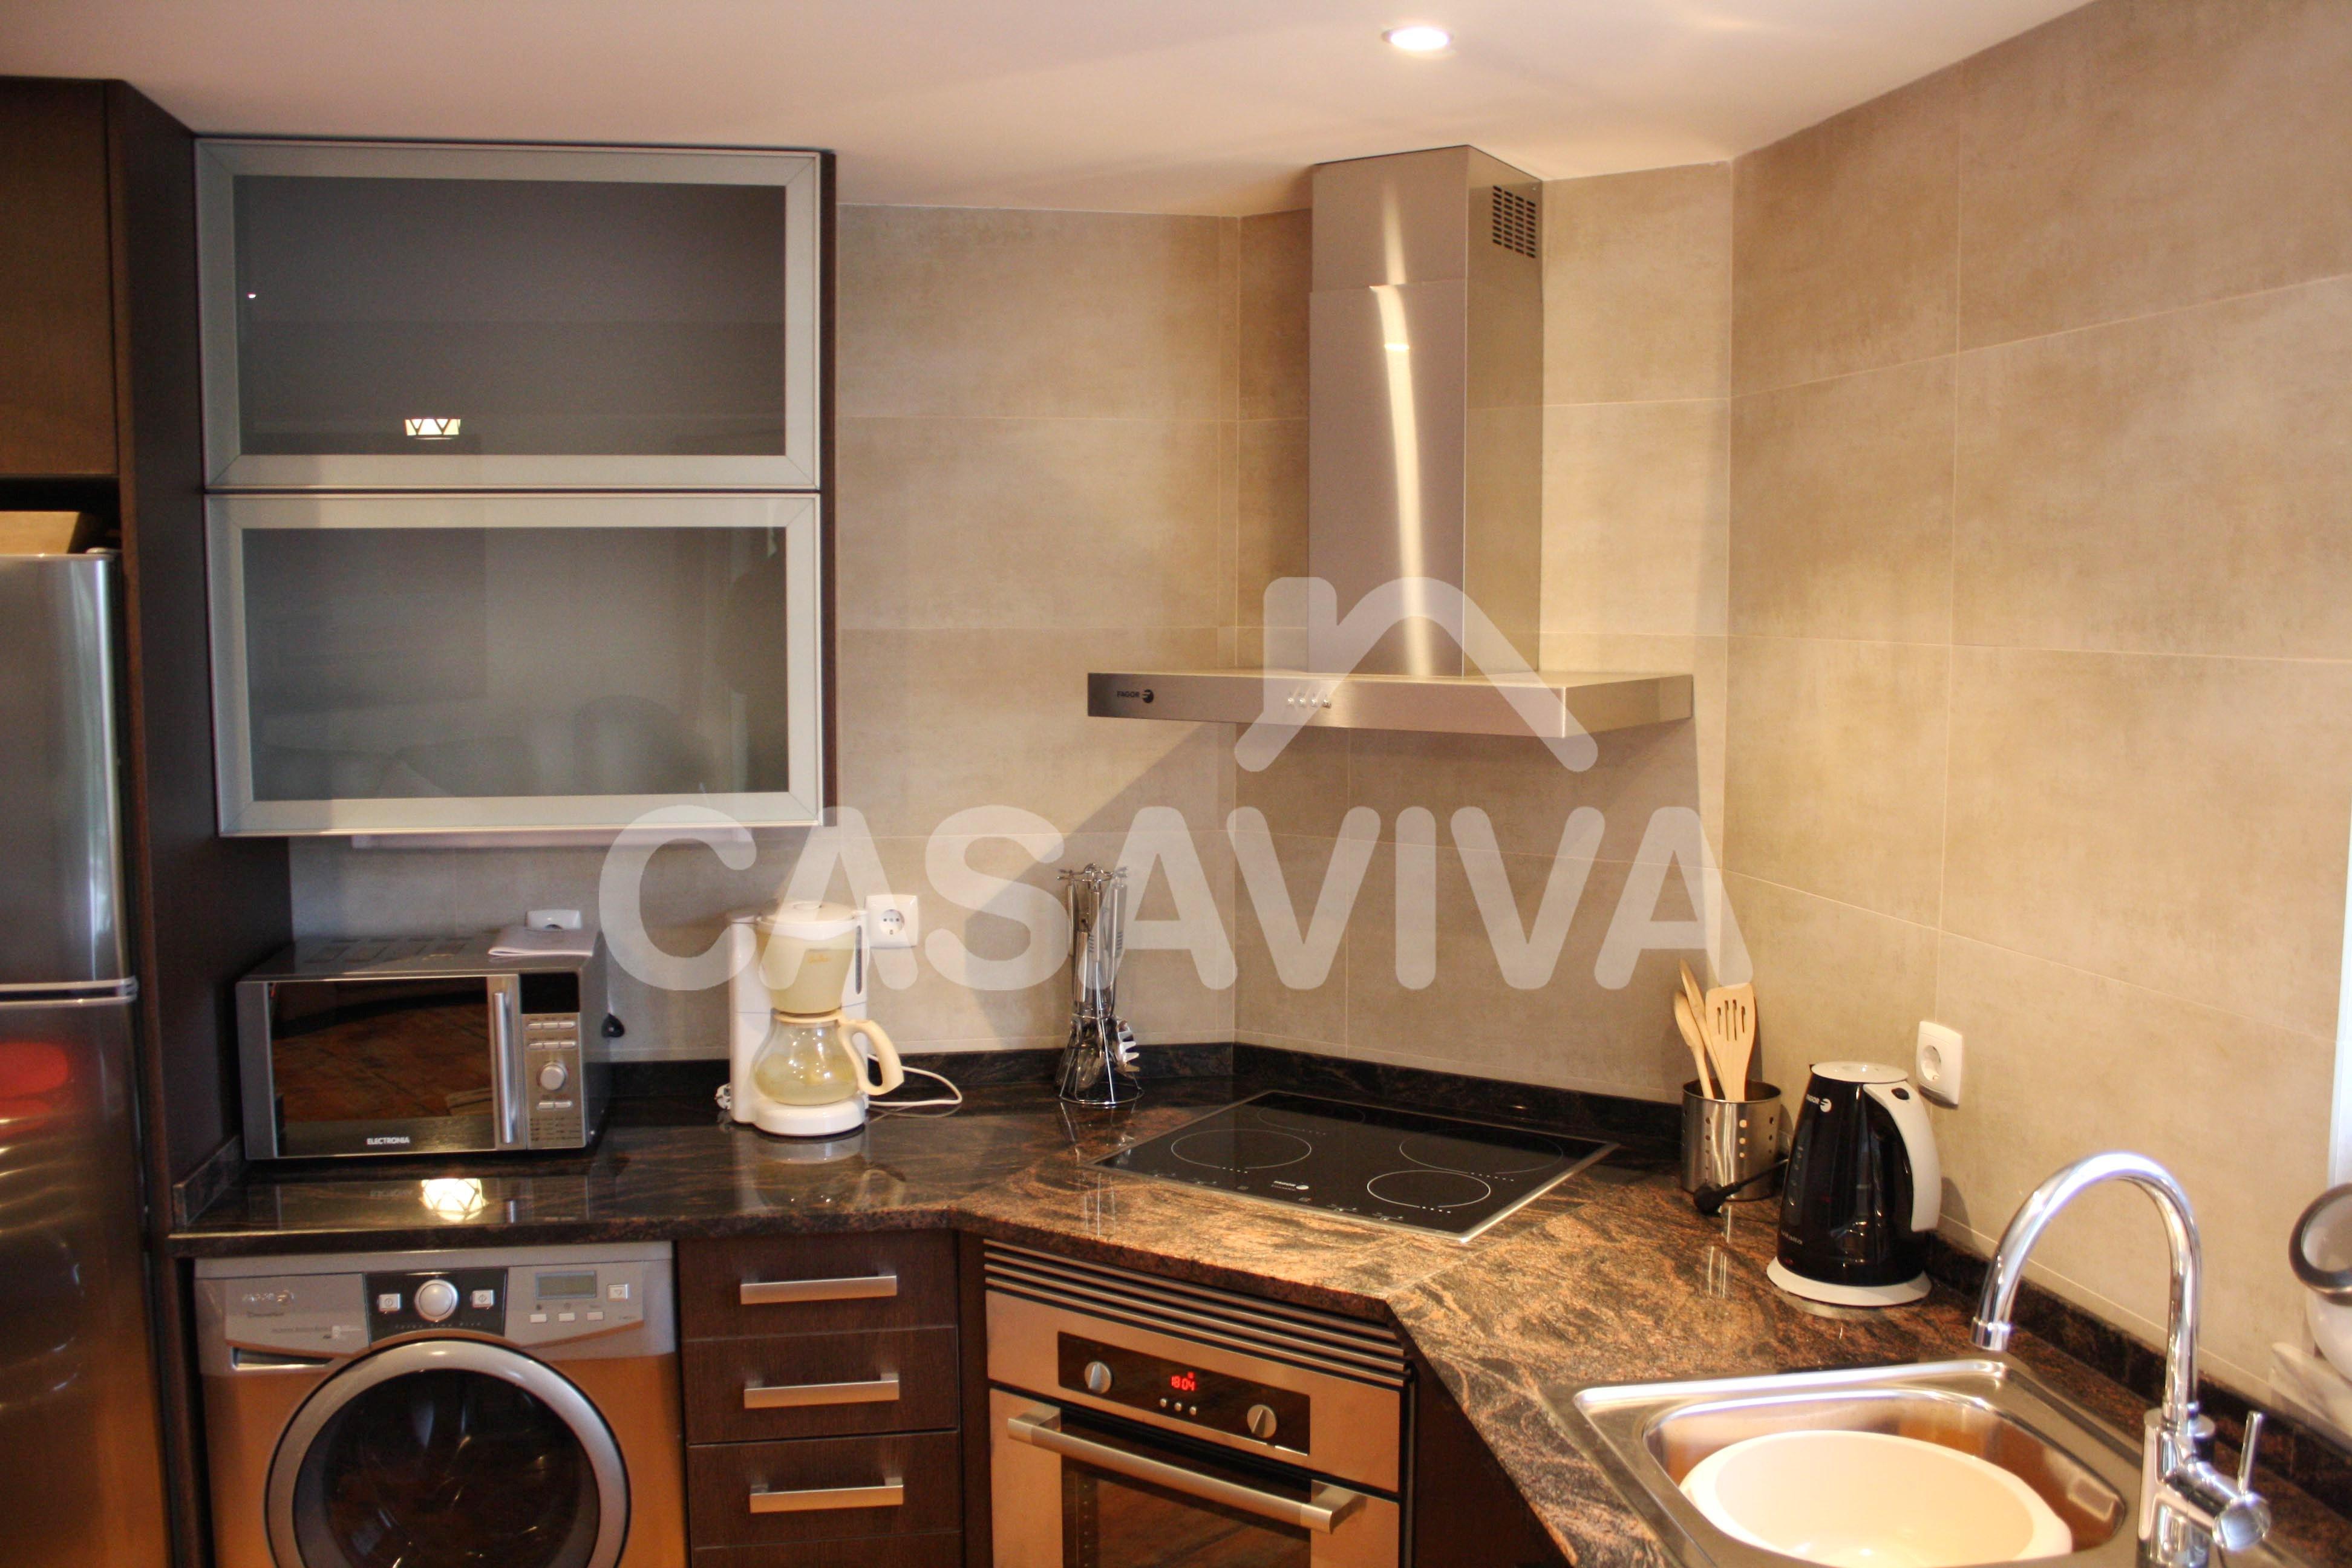 Cocinas A Medida Madrid. Elegant Cocinas Dise O Madrid Comprar ...